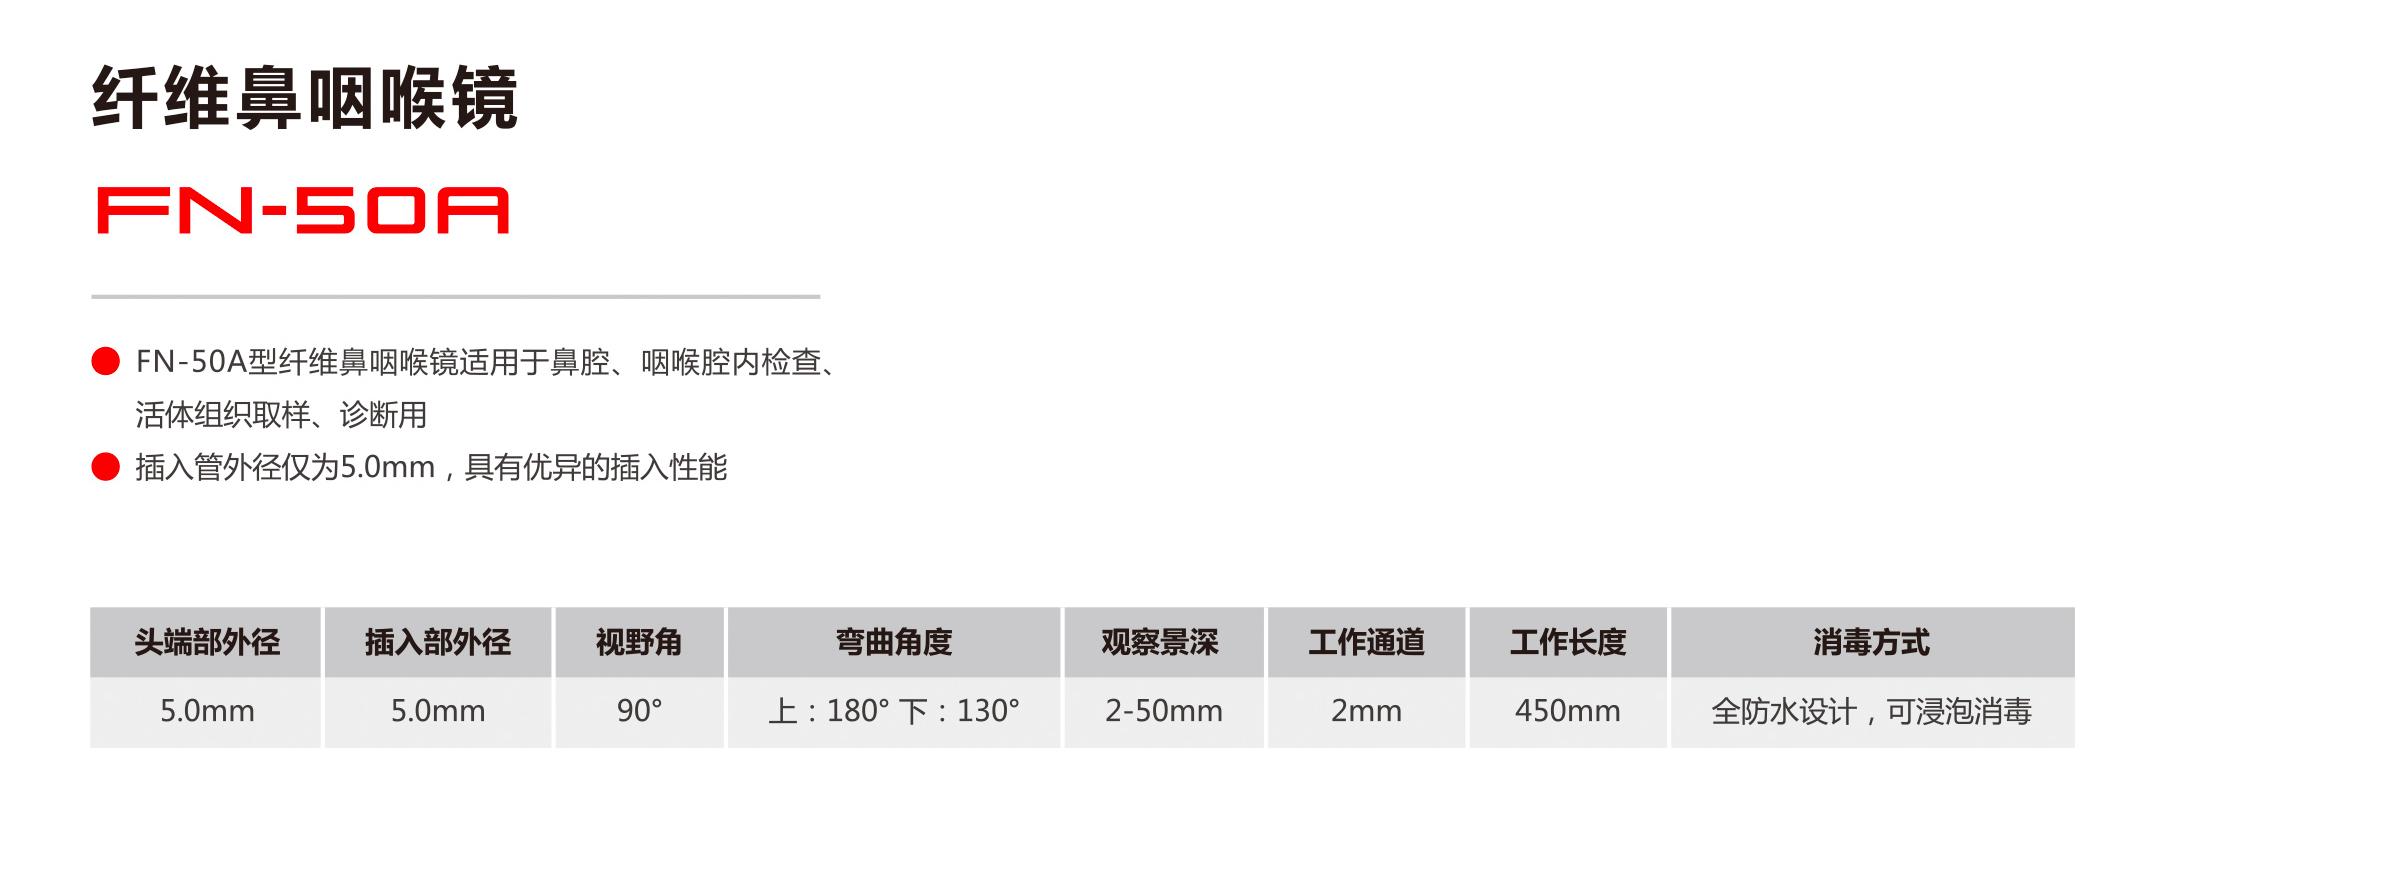 纤维鼻咽喉镜 FN-50A